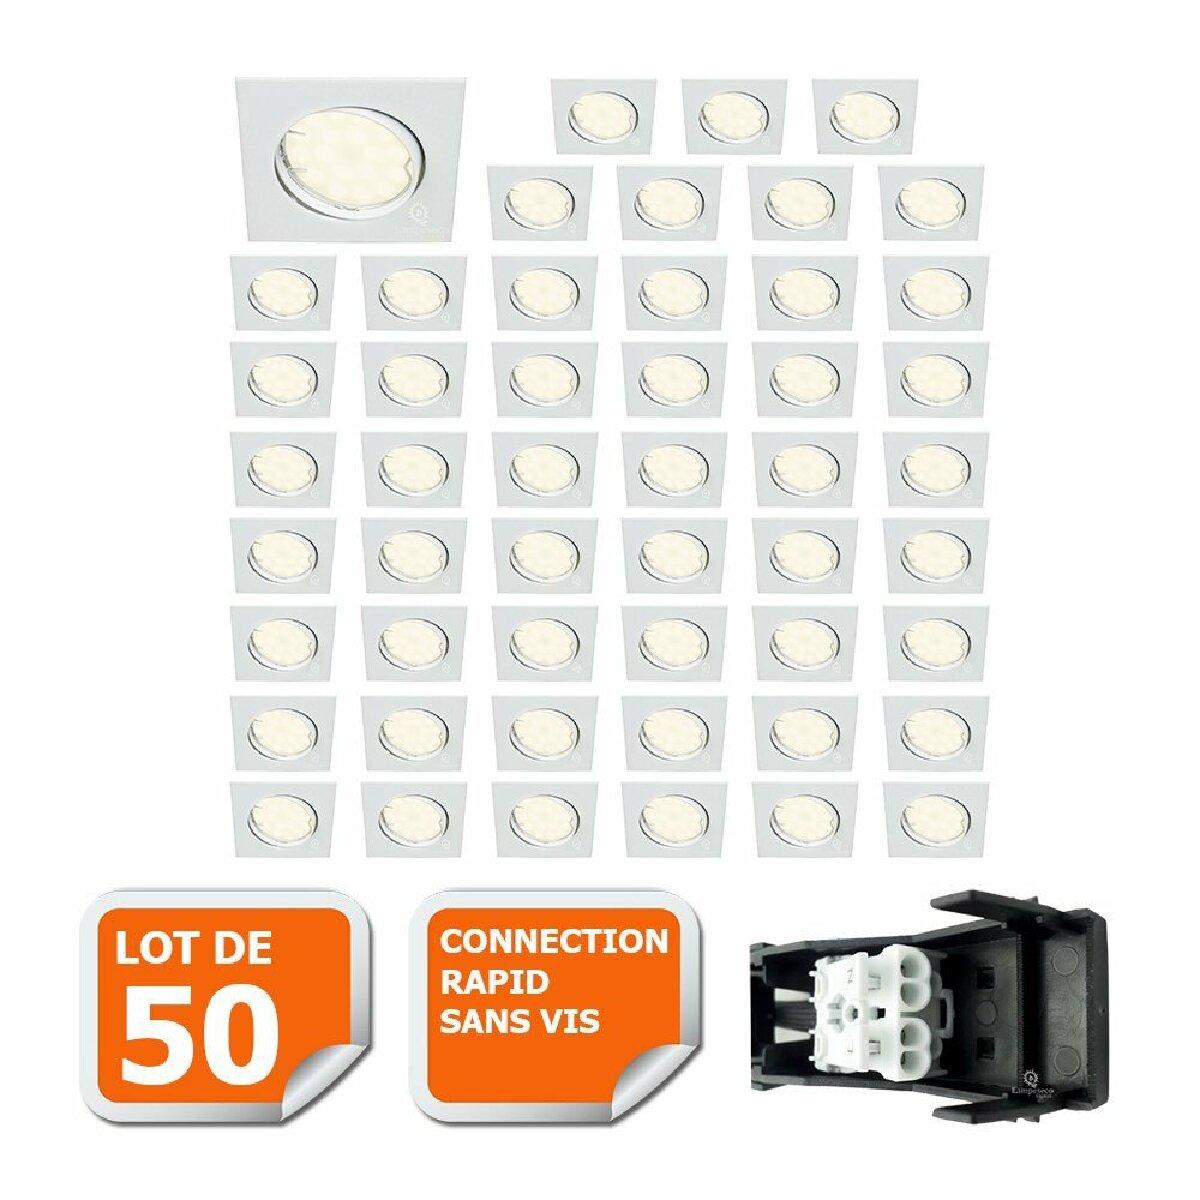 Eurobryte LOT DE 50 SPOT ENCASTRABLE ORIENTABLE LED CARRE GU10 230V ECLAIRE COMME 50W